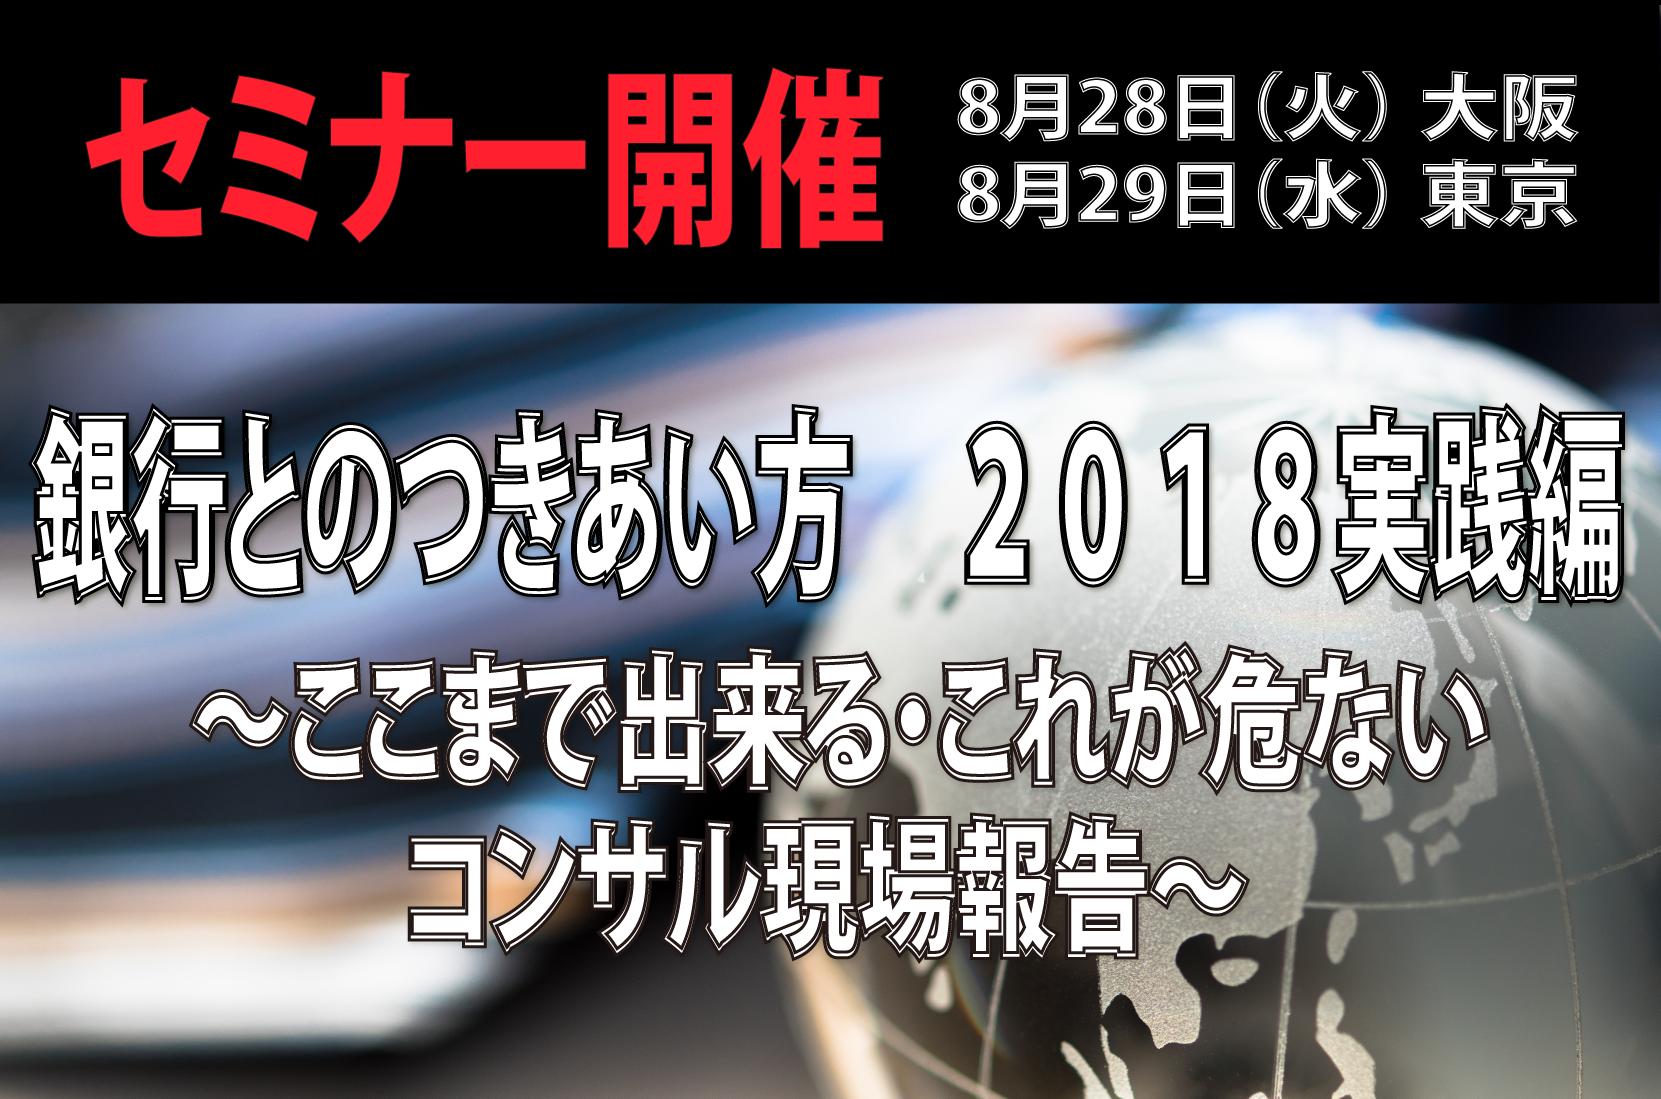 銀行とのつきあい方 2018年実践編 コンサル現場報告